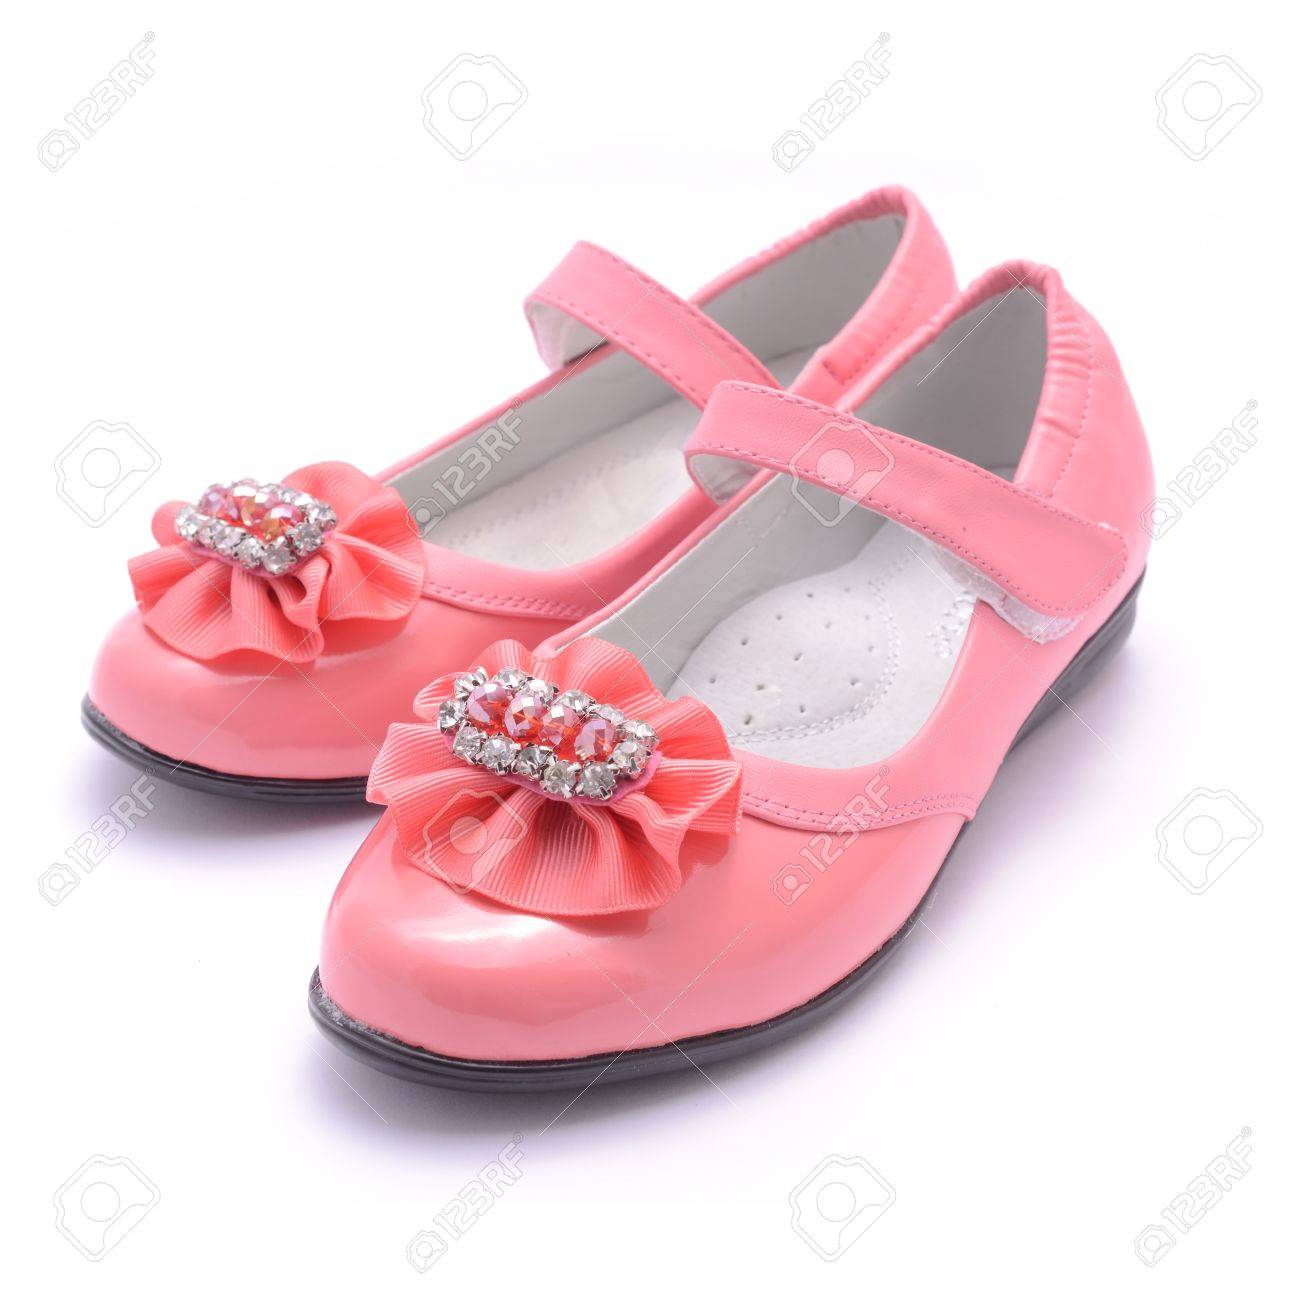 Kinderen Roze Schoenen Geïsoleerd Op Wit Royalty Vrije Foto